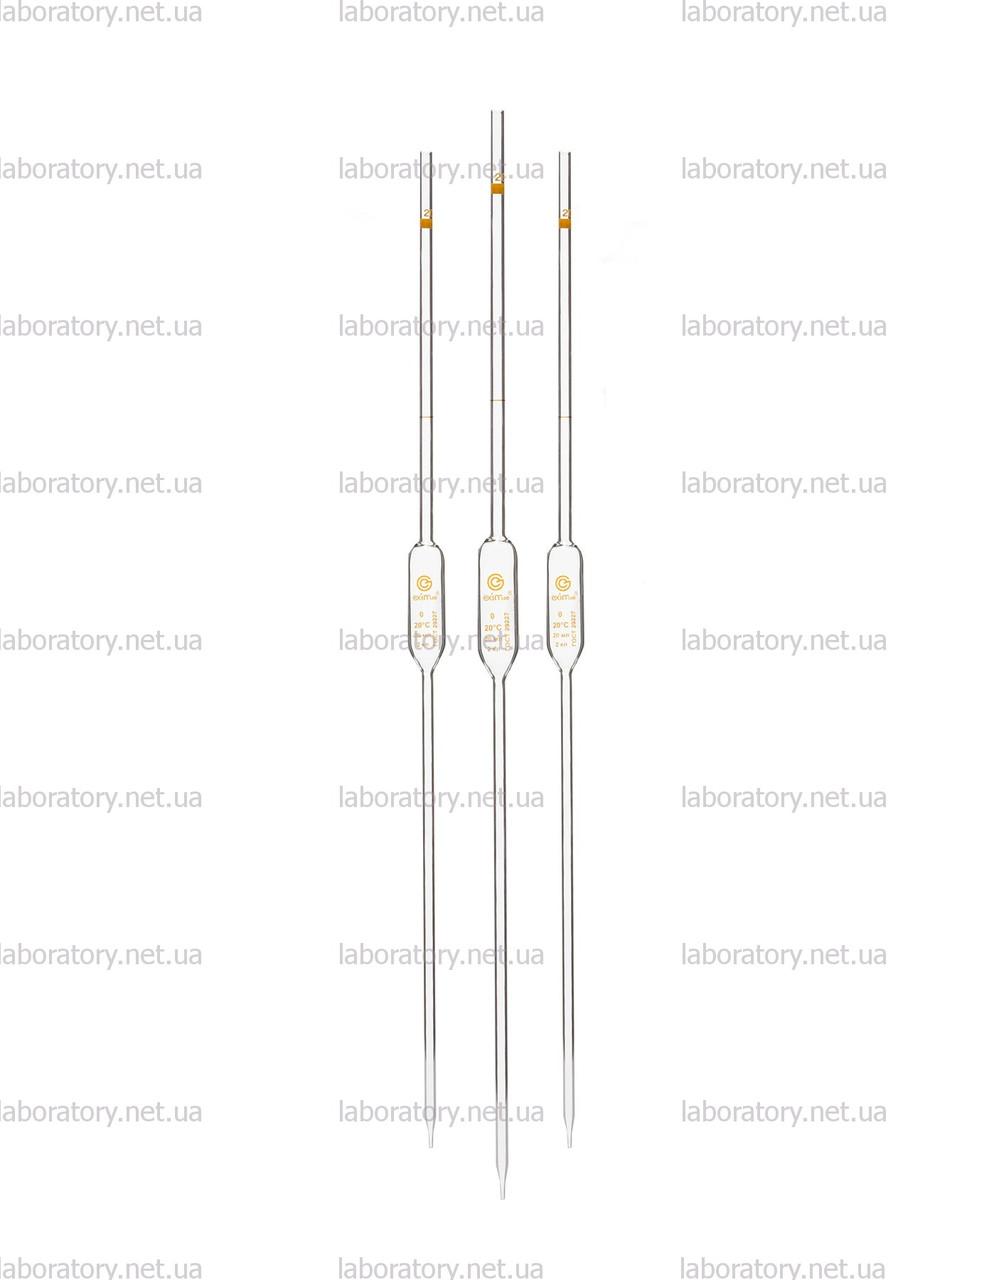 Пипетки мерные (Мора) с одной меткой и расширением